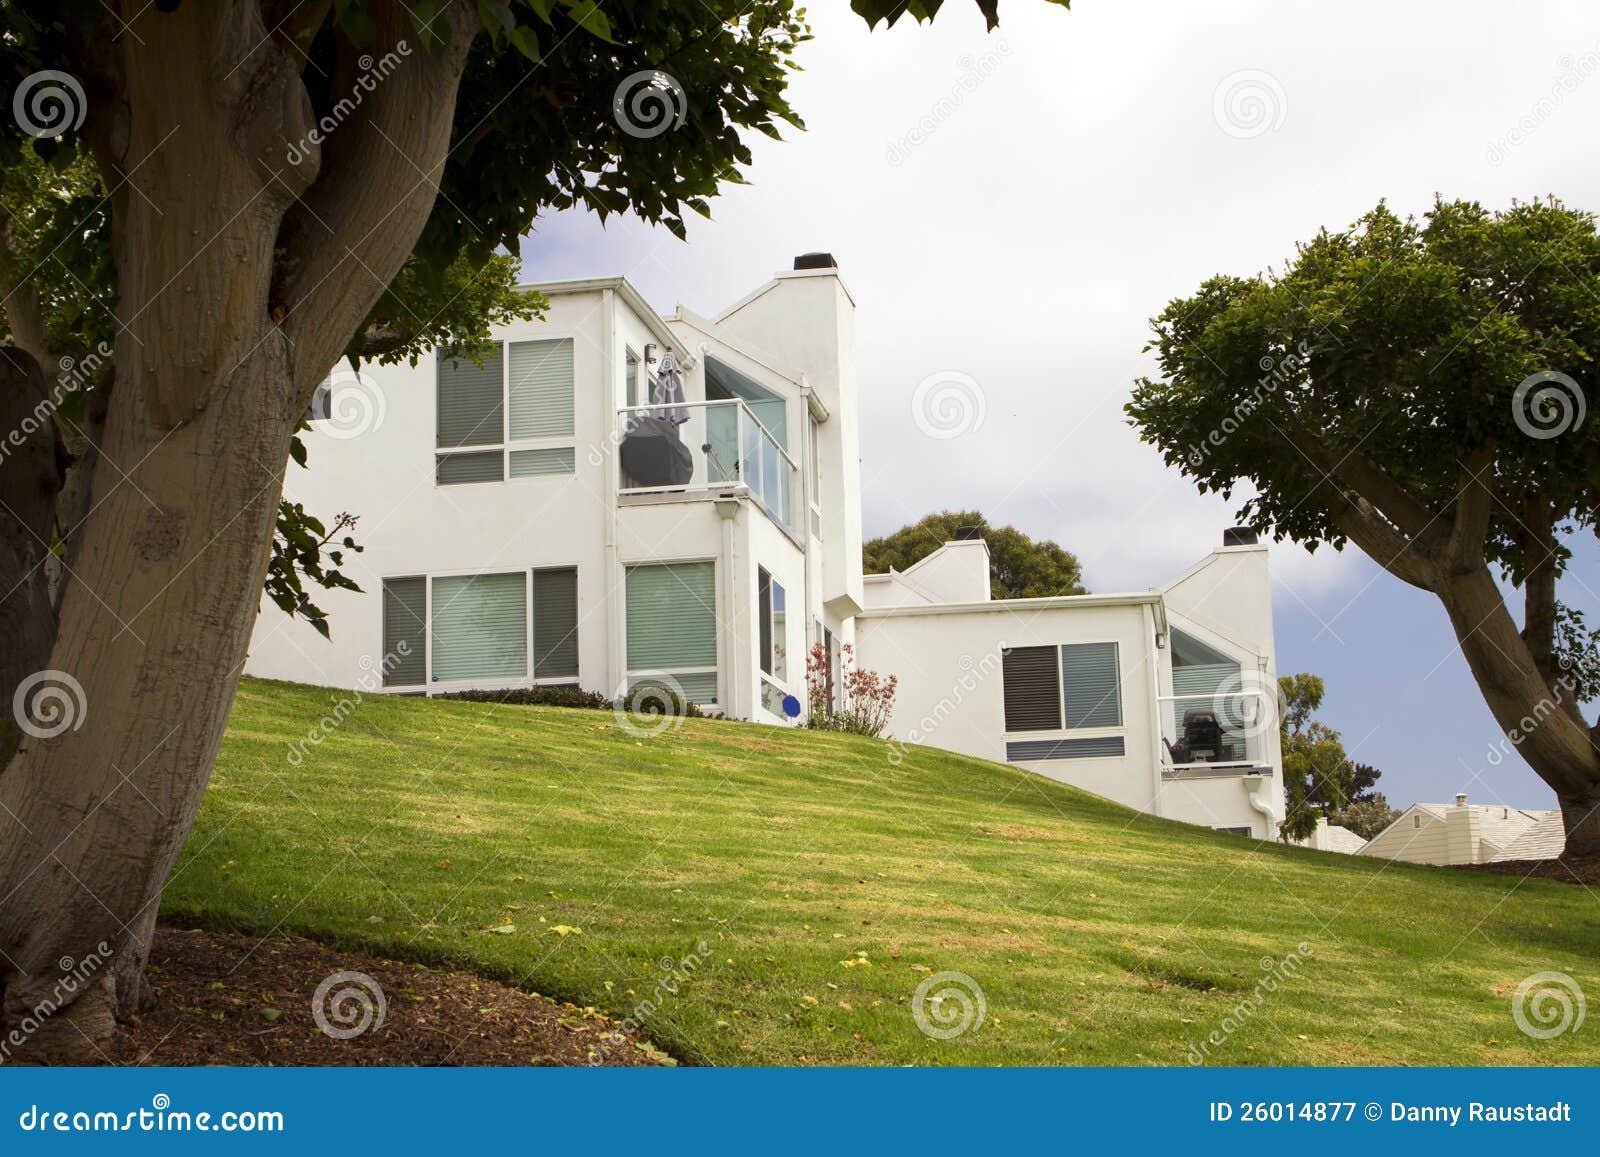 casas blancas modernas en una colina en california